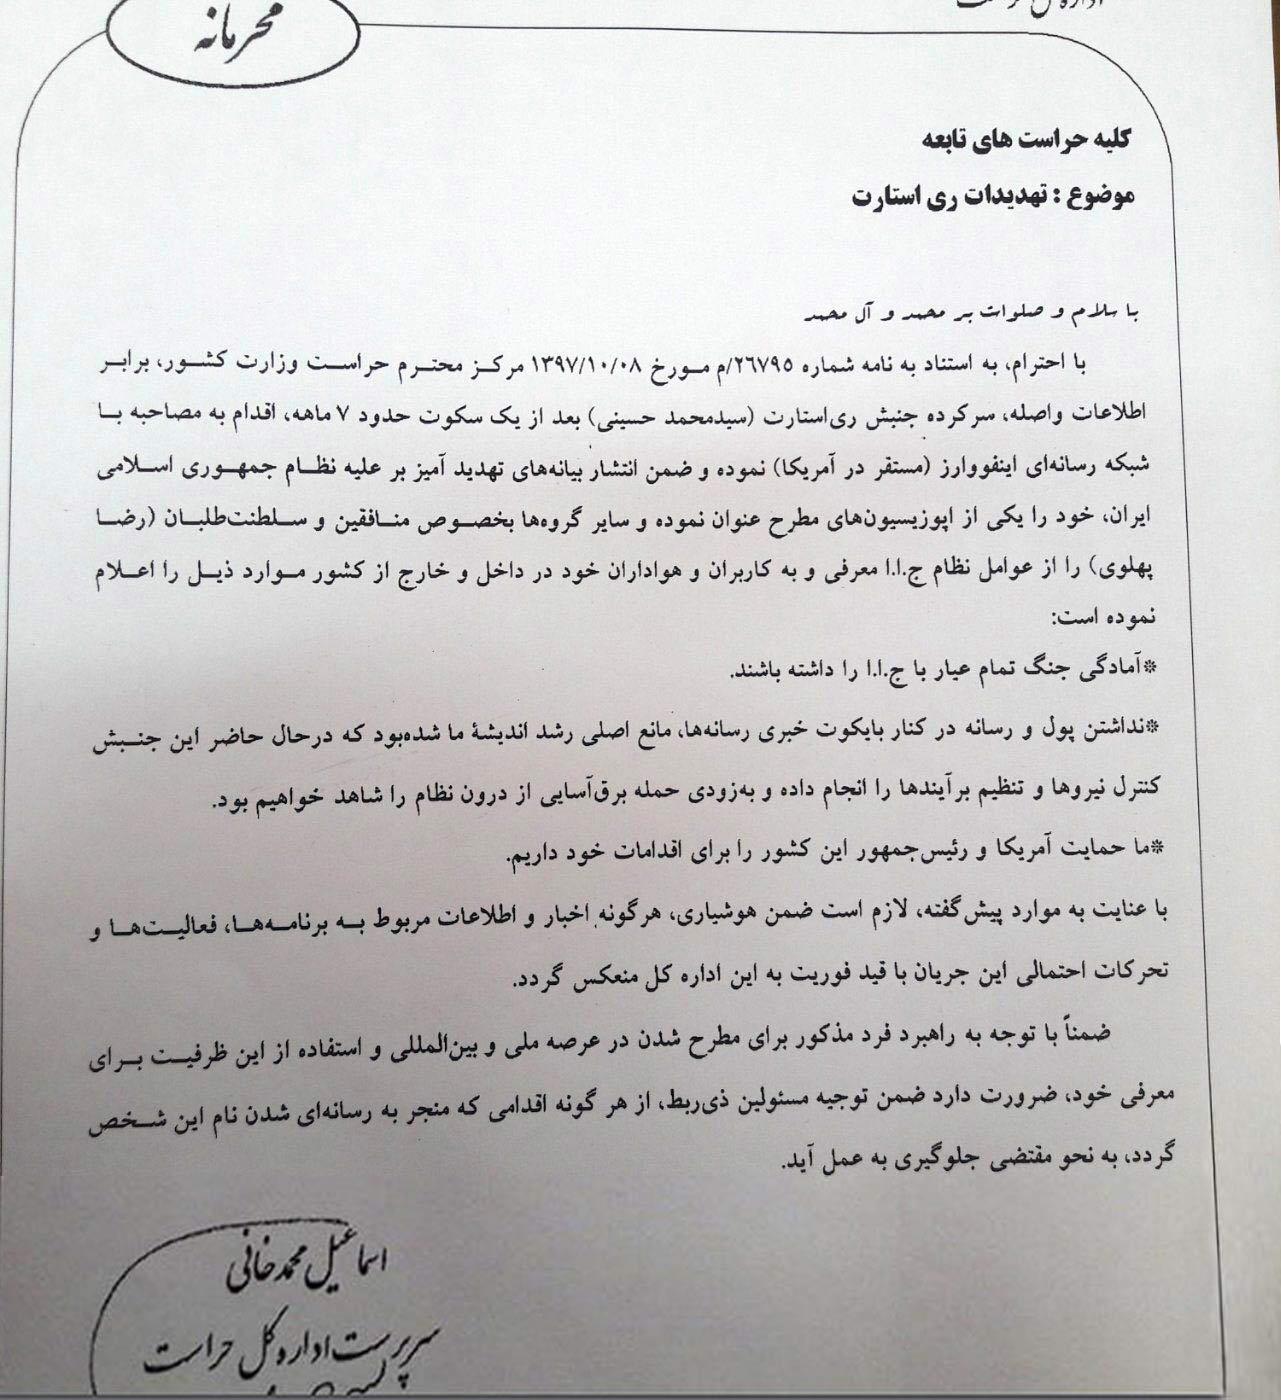 نامهی محرمانه وزارت اطلاعات ایران به حراست سازمانها و نهادهای تابعه